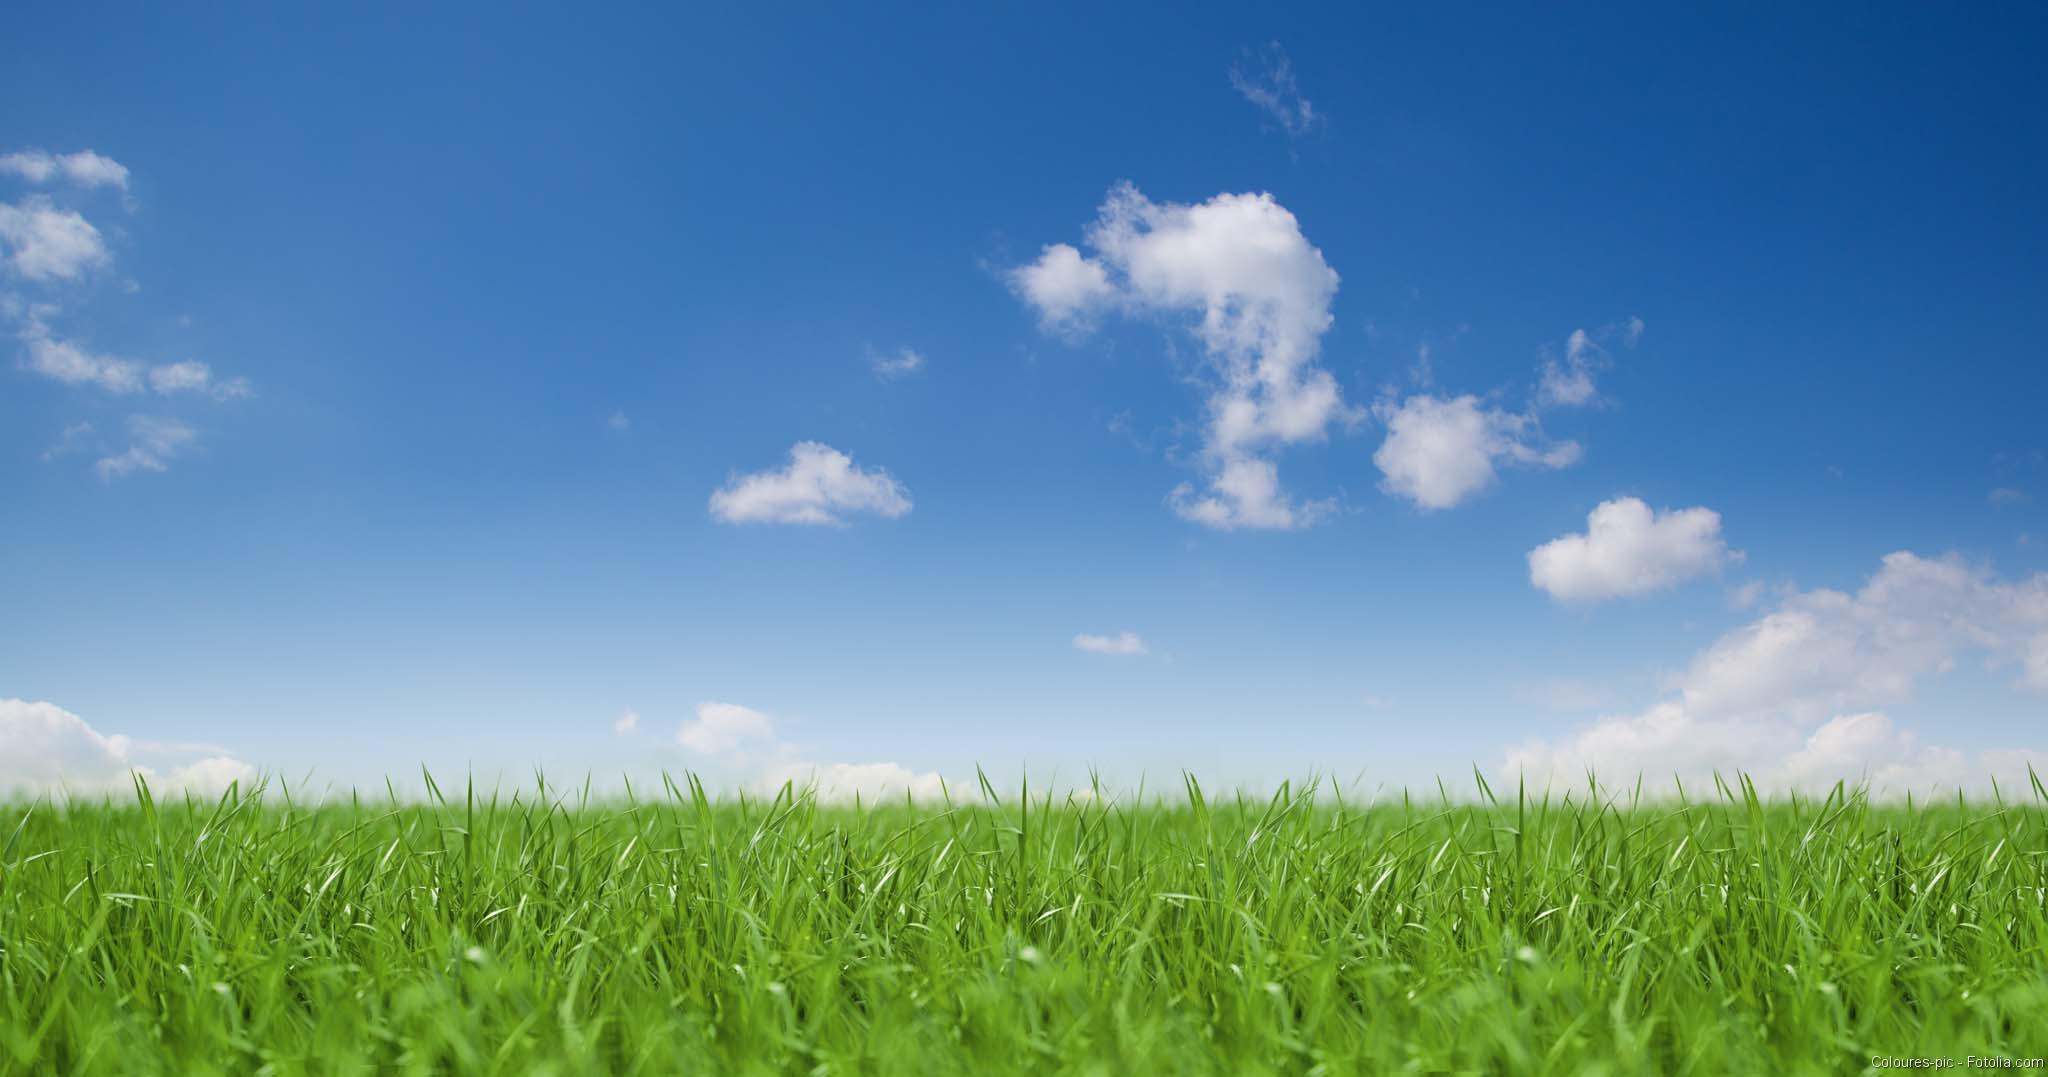 Luftverschmutzung, Feinstaub, Luftwäscher, Tretroller, Feinstaub, Luftreiniger: Luftverschmutzung